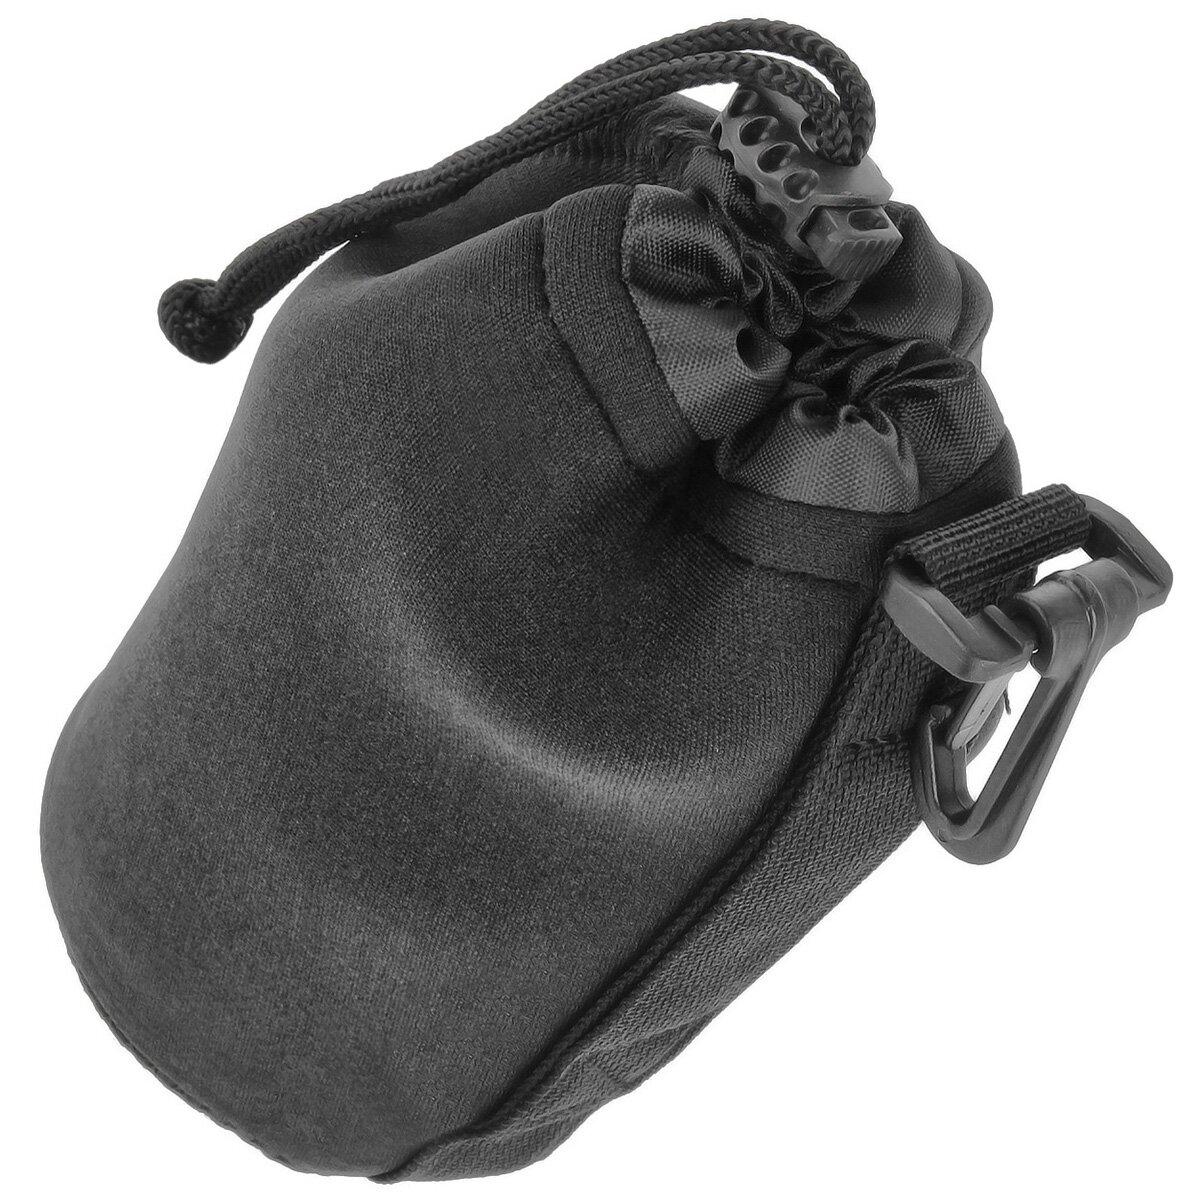 Minadax Neopren Objektivtasche mit Gurtclip, L (Large) ø 90mm x H 170mm - in schwarz